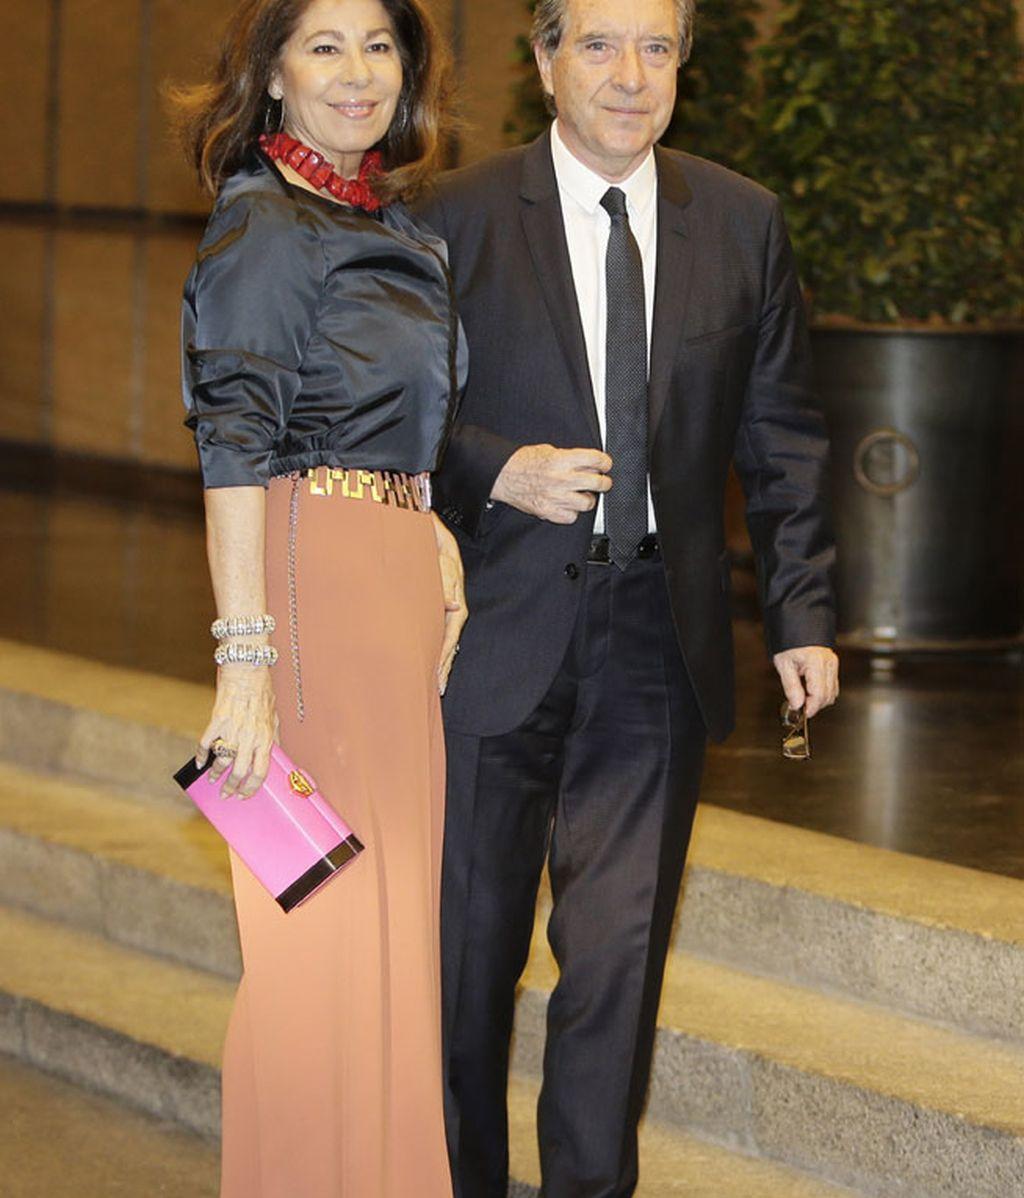 El periodista Iñaki Gabilondo y su mujer, Lola Carretero